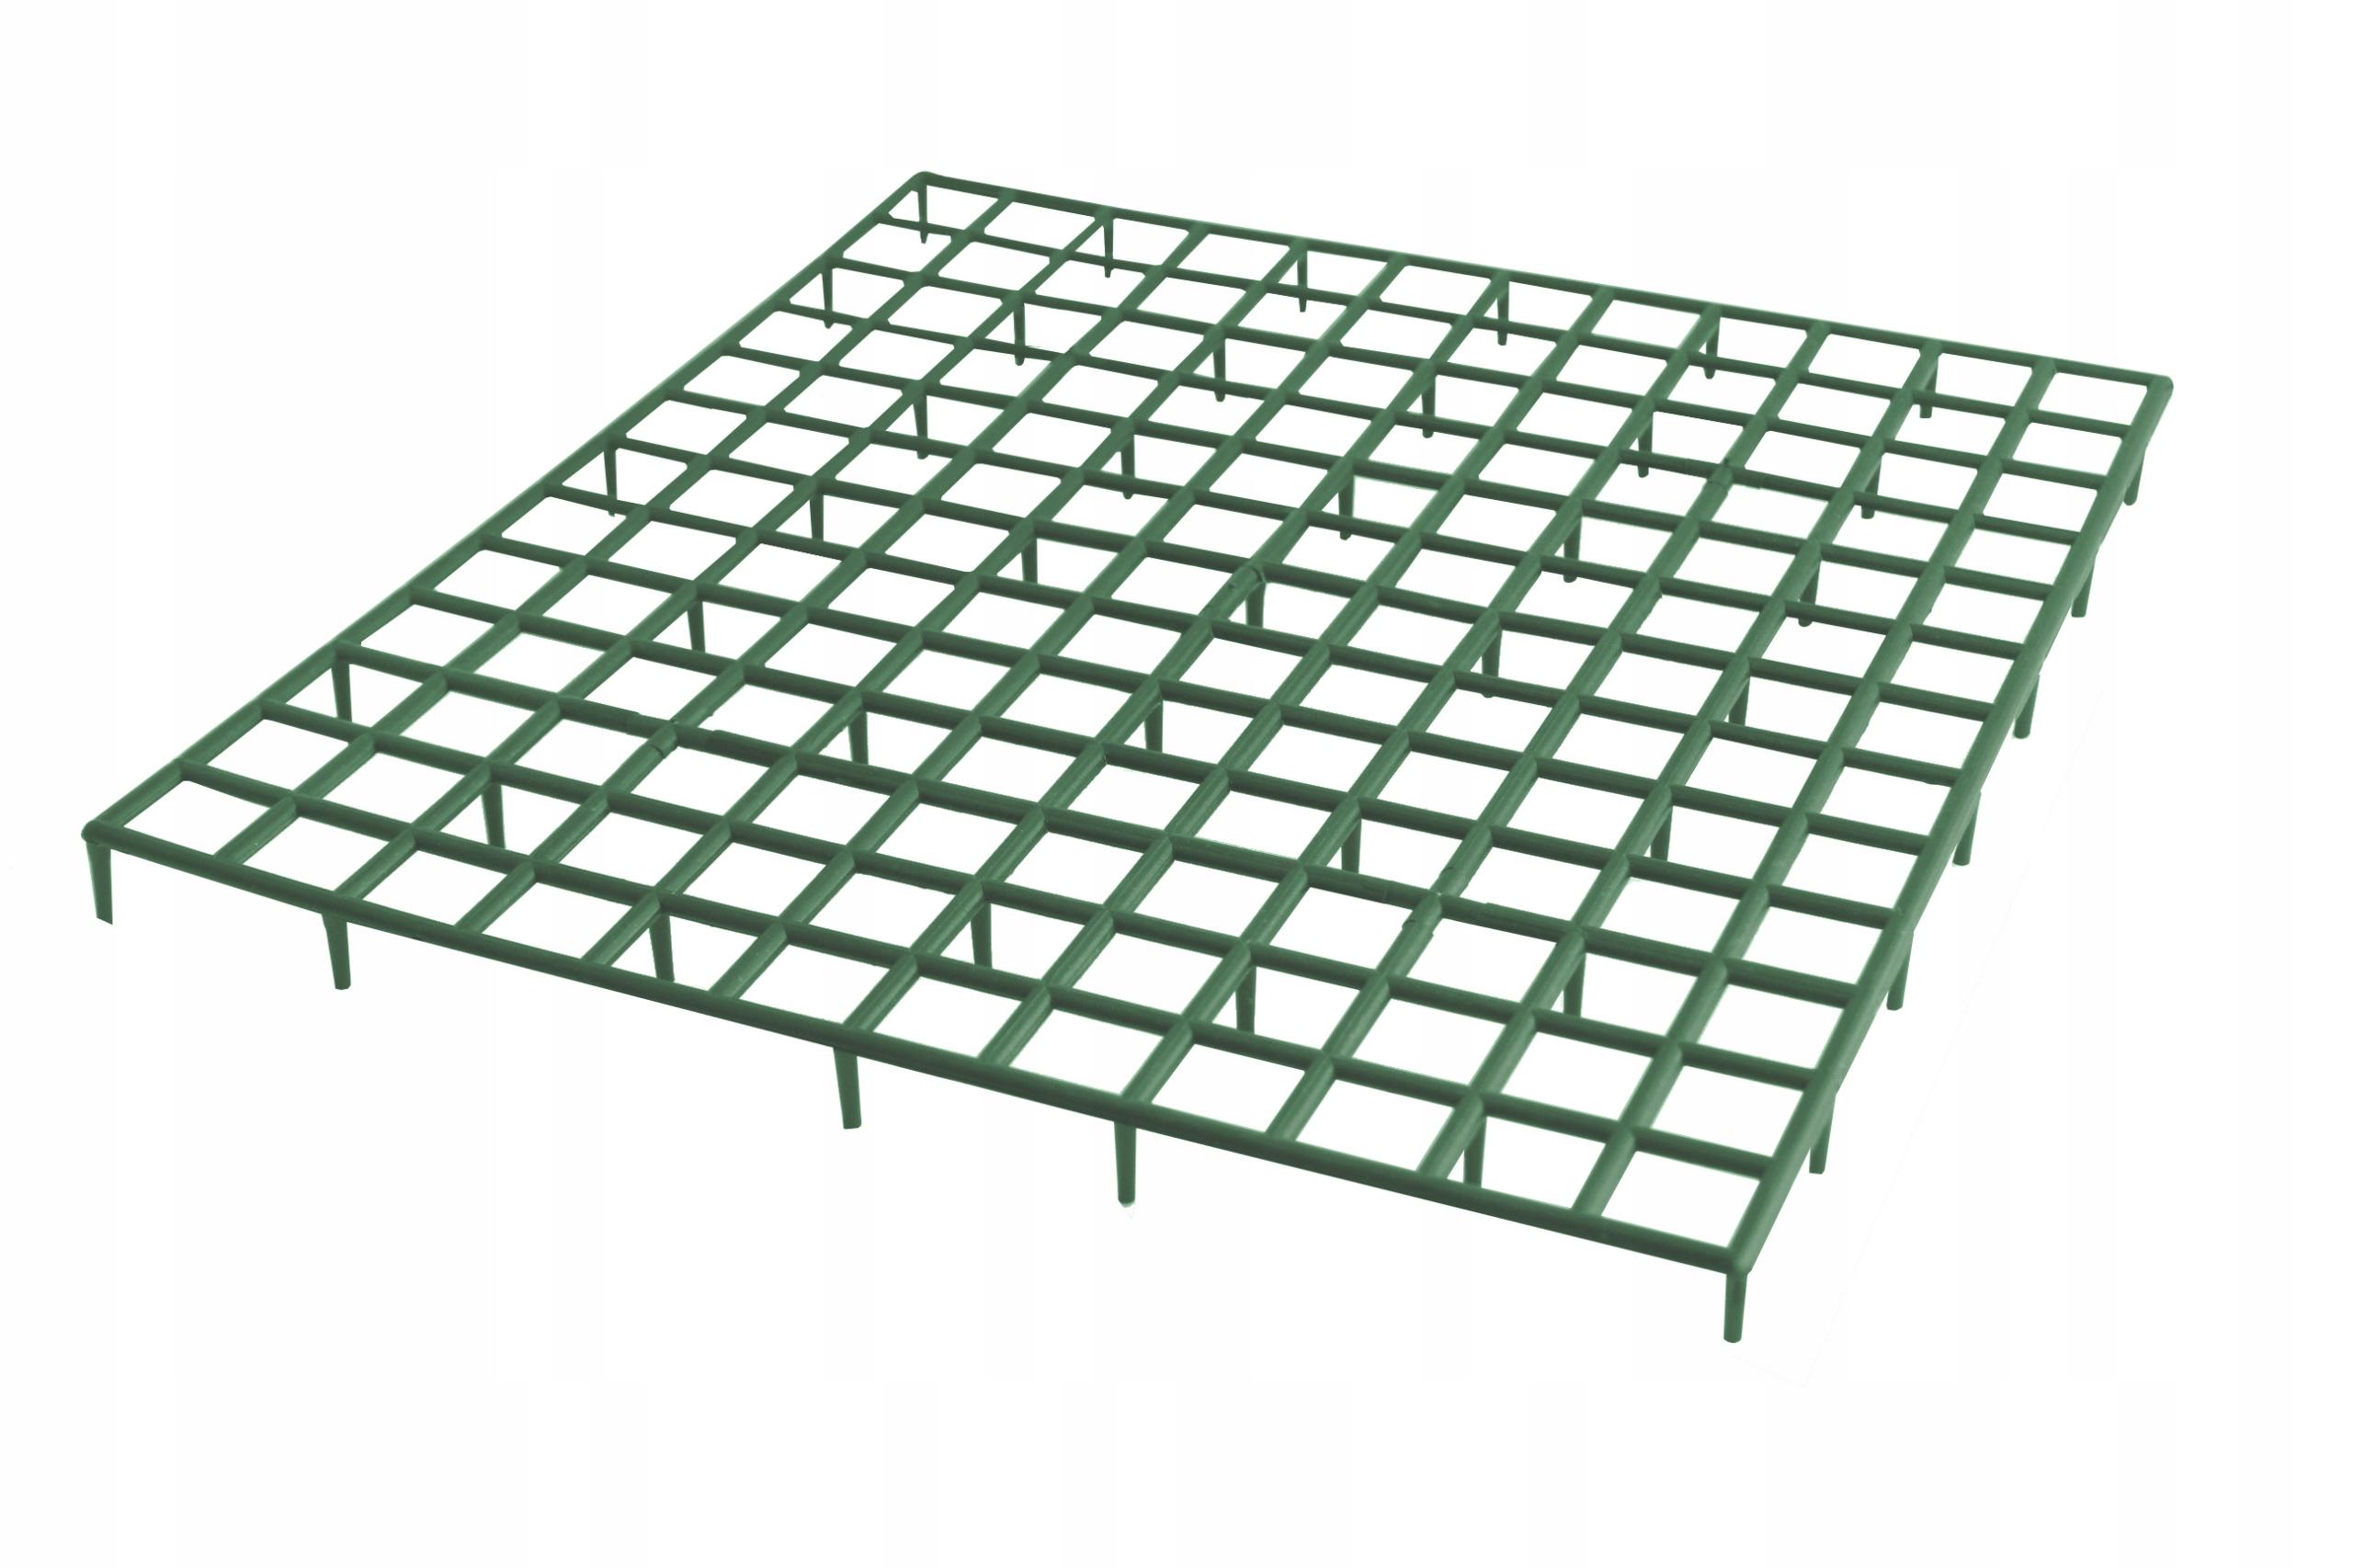 10X Решетка для производителя ячеек! Бесплатно!